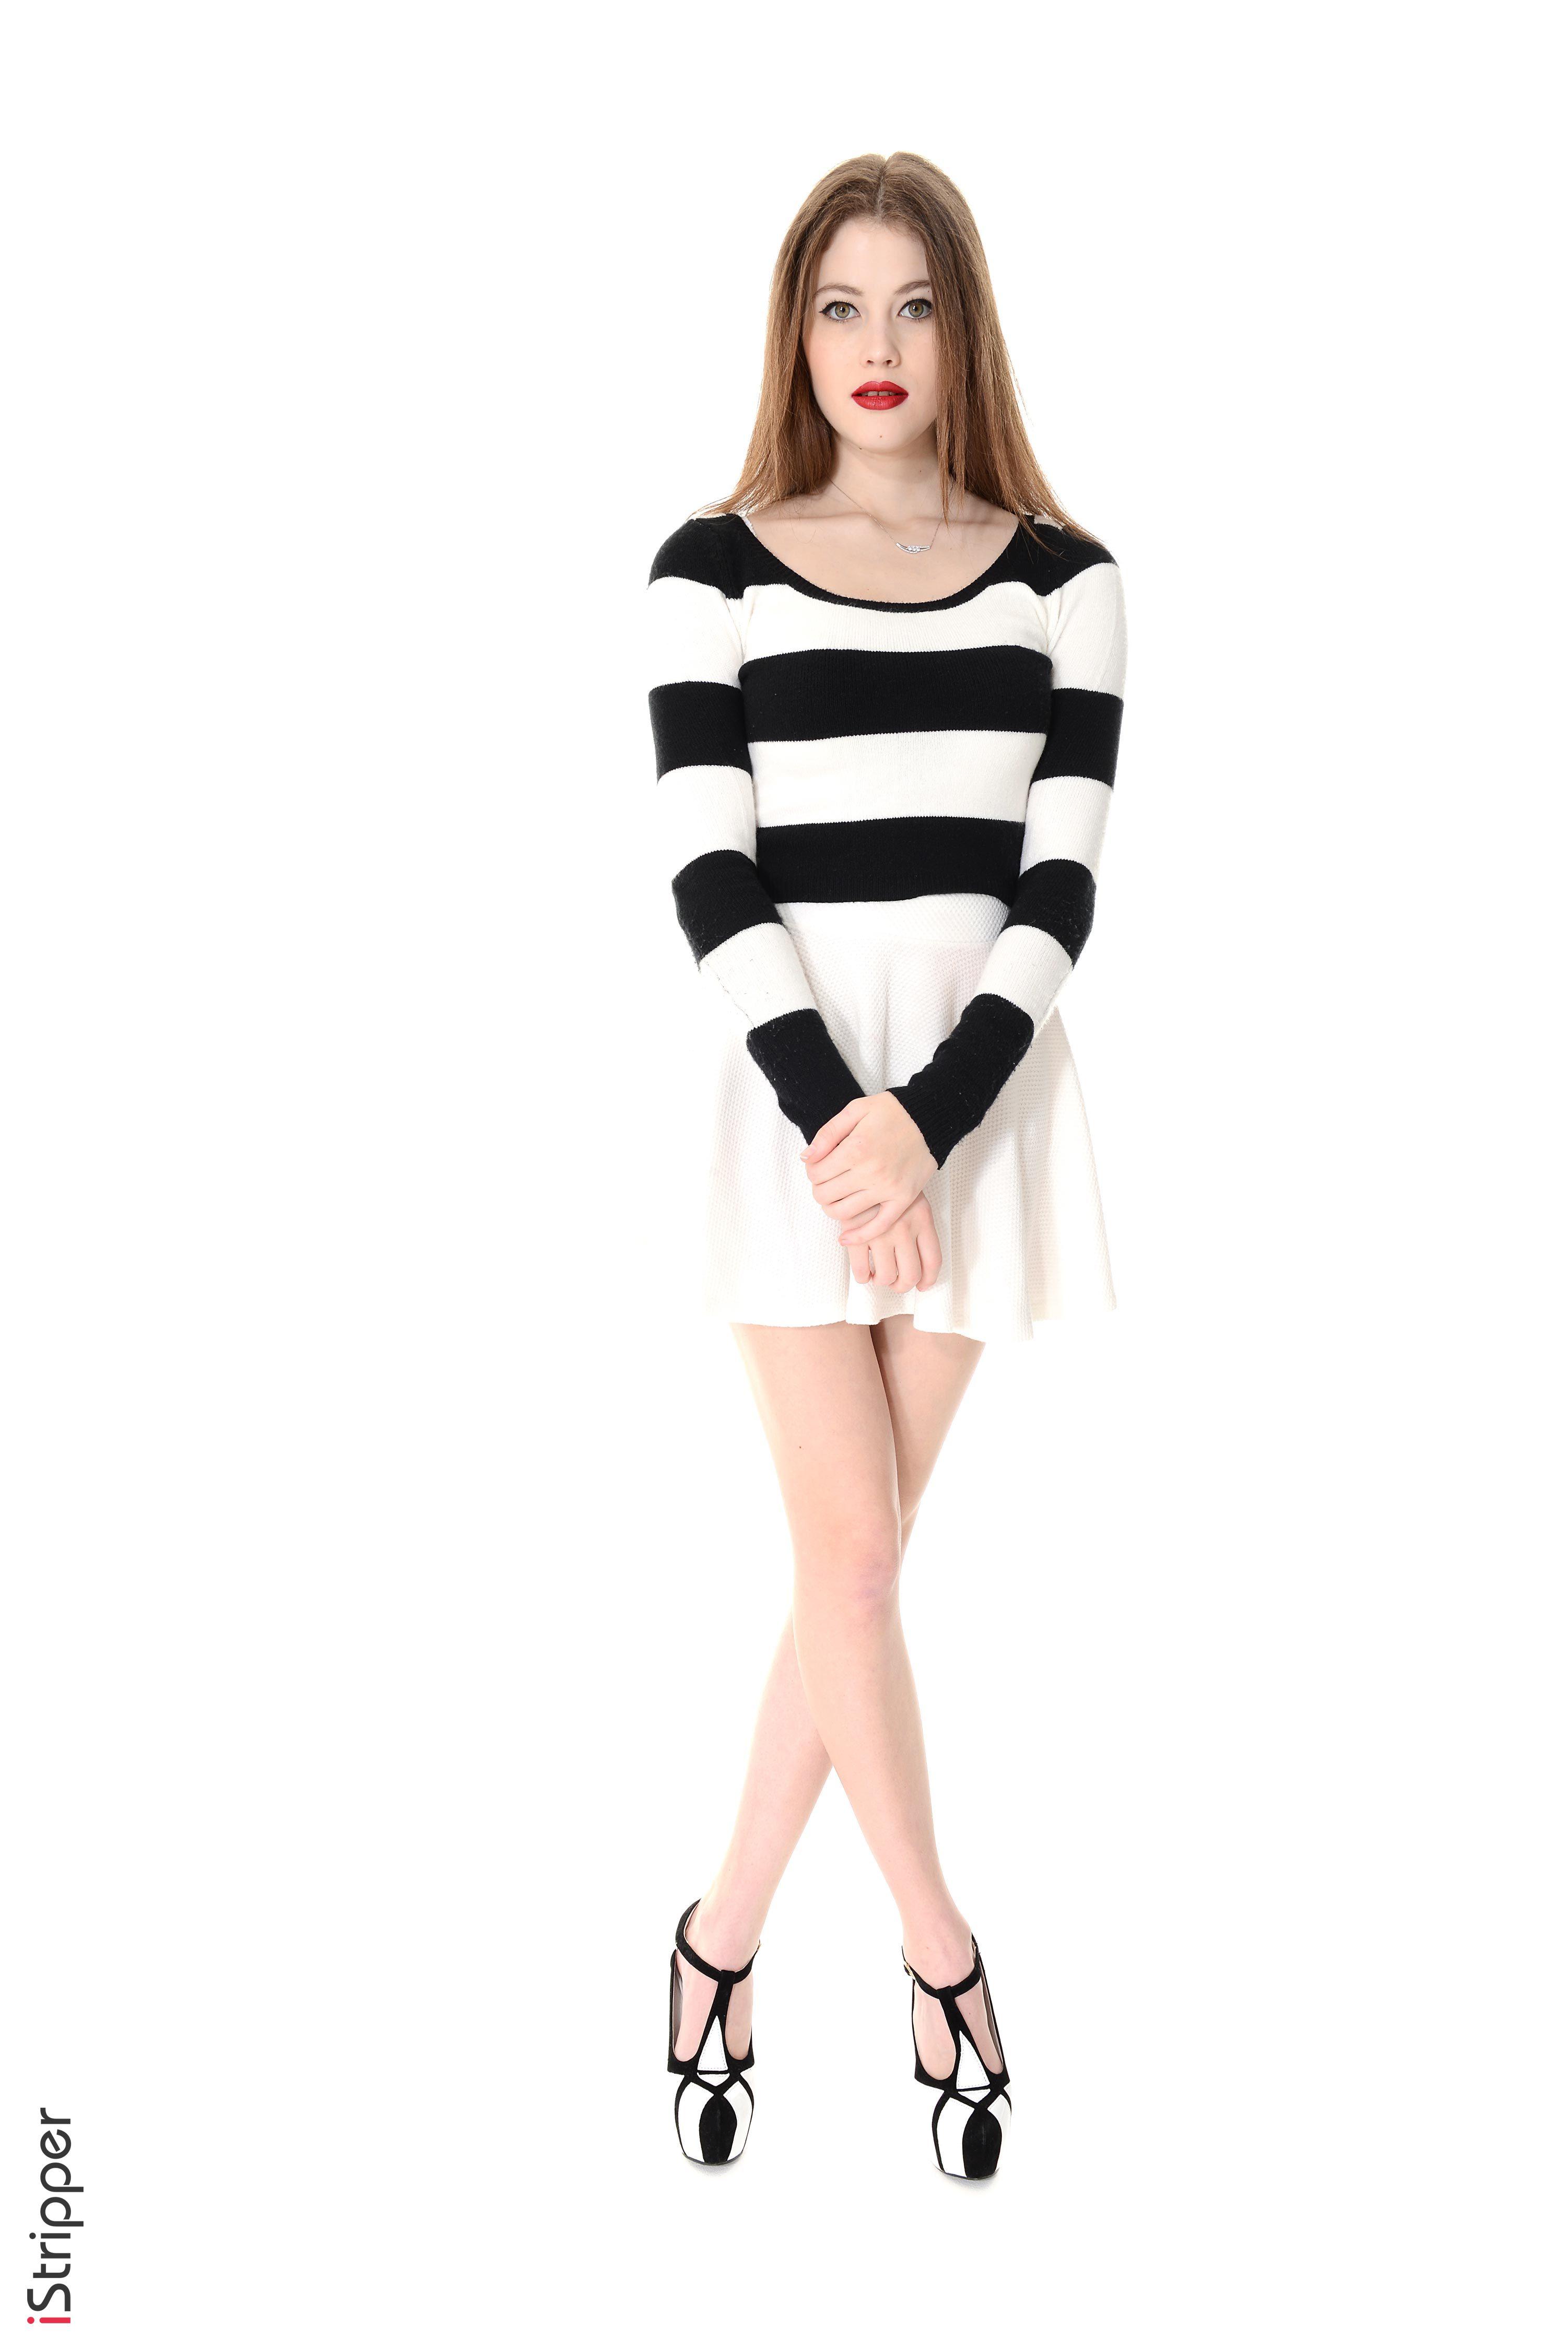 Фотография Heidi Romanova Шатенка iStripper Девушки Ноги полосатая белом фоне платья туфель  для мобильного телефона шатенки девушка молодая женщина молодые женщины ног Полоски полосатый Белый фон белым фоном Платье Туфли туфлях